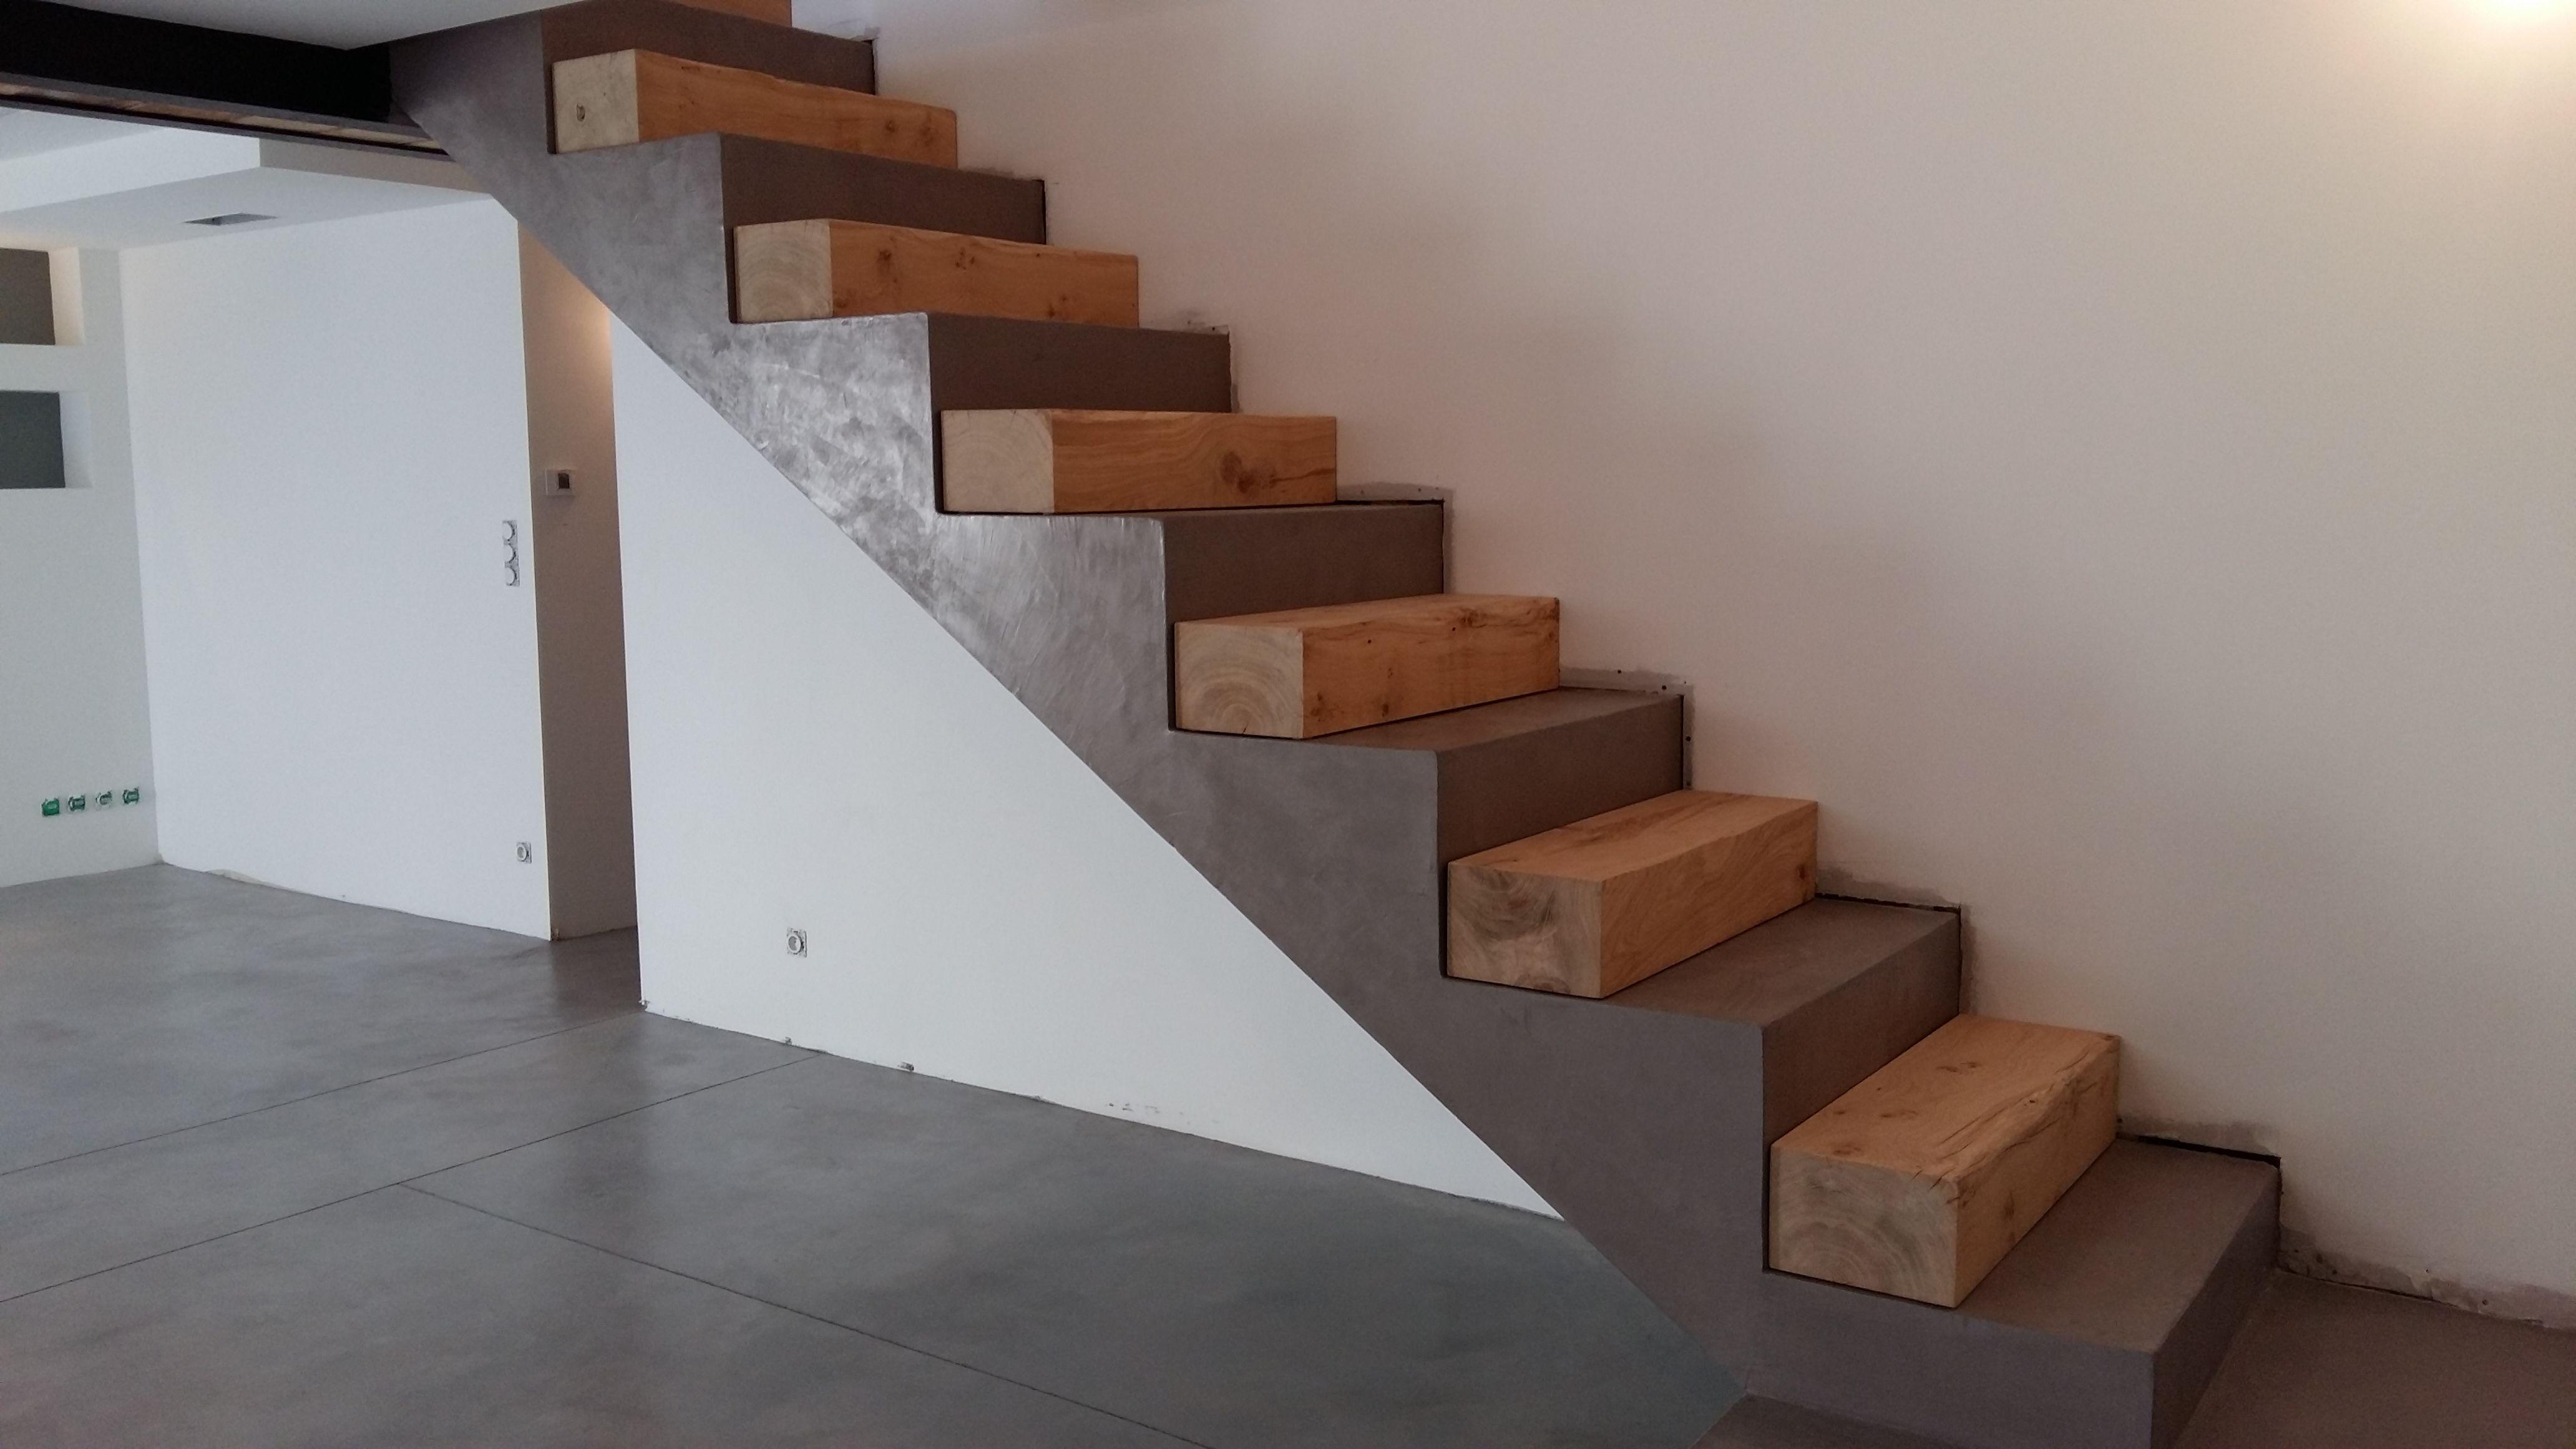 Habillage Bois Marches Balancees Et Droite Sur Escalier Beton Escalier Beton Habillage Escalier Escalier Carrelage